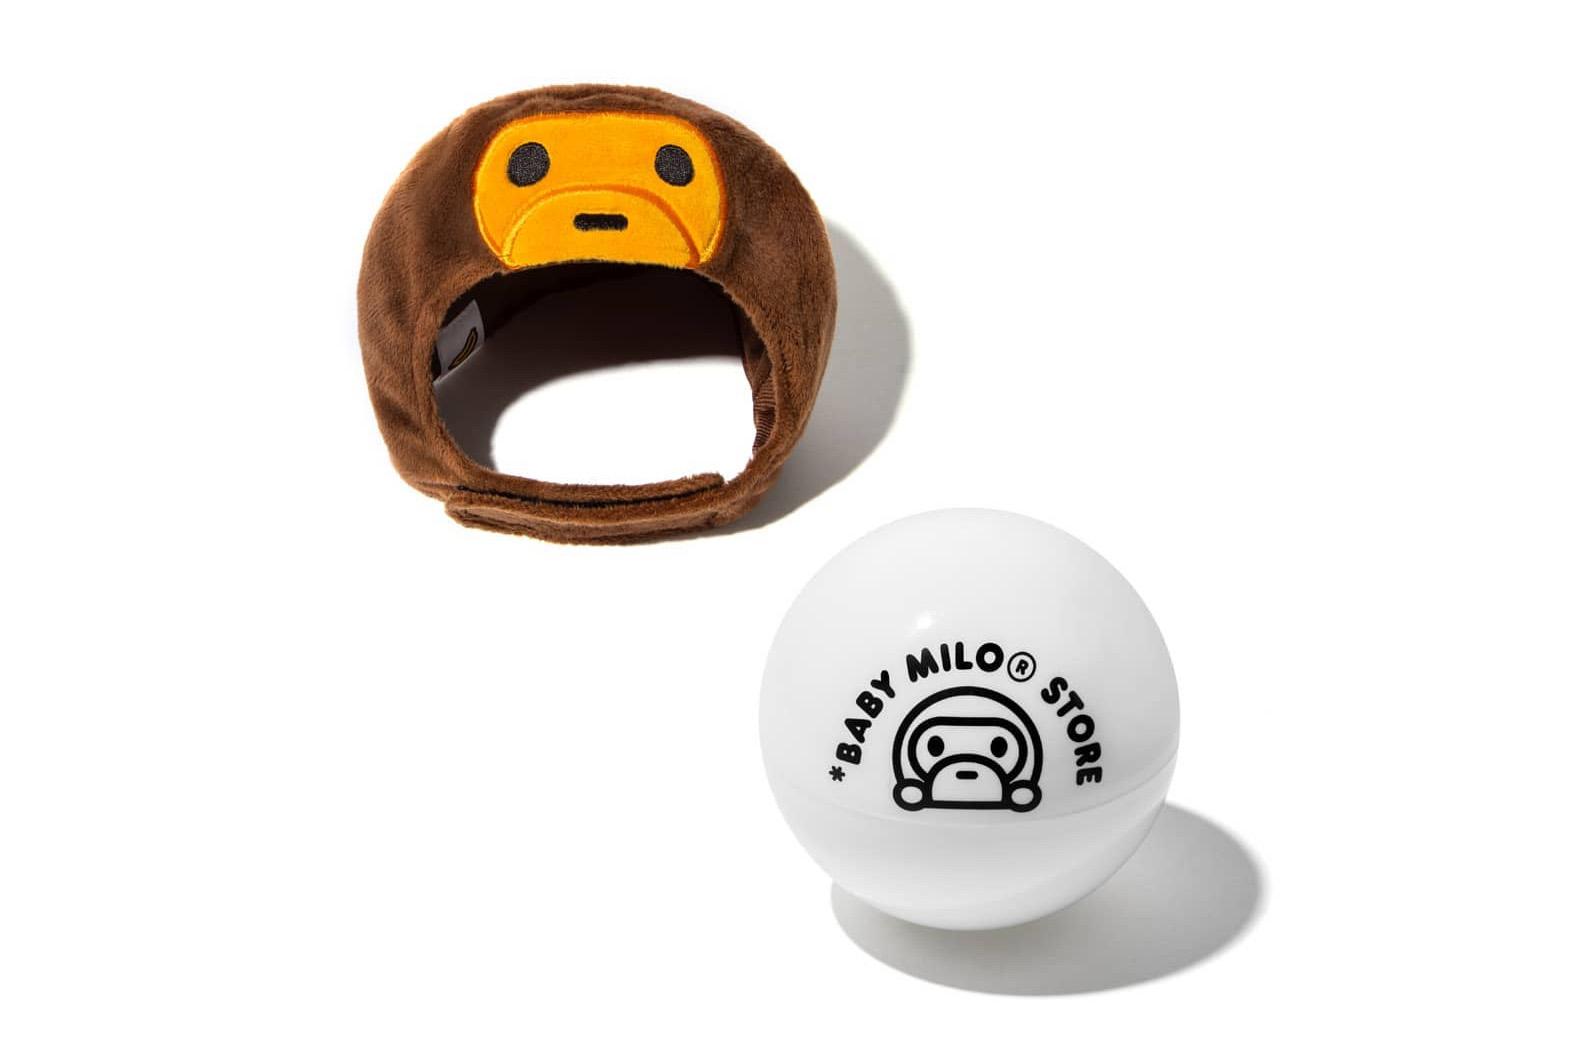 走進 A BATHING APE® 全新 Baby Milo 寵物系列香港 Pop-Up 店